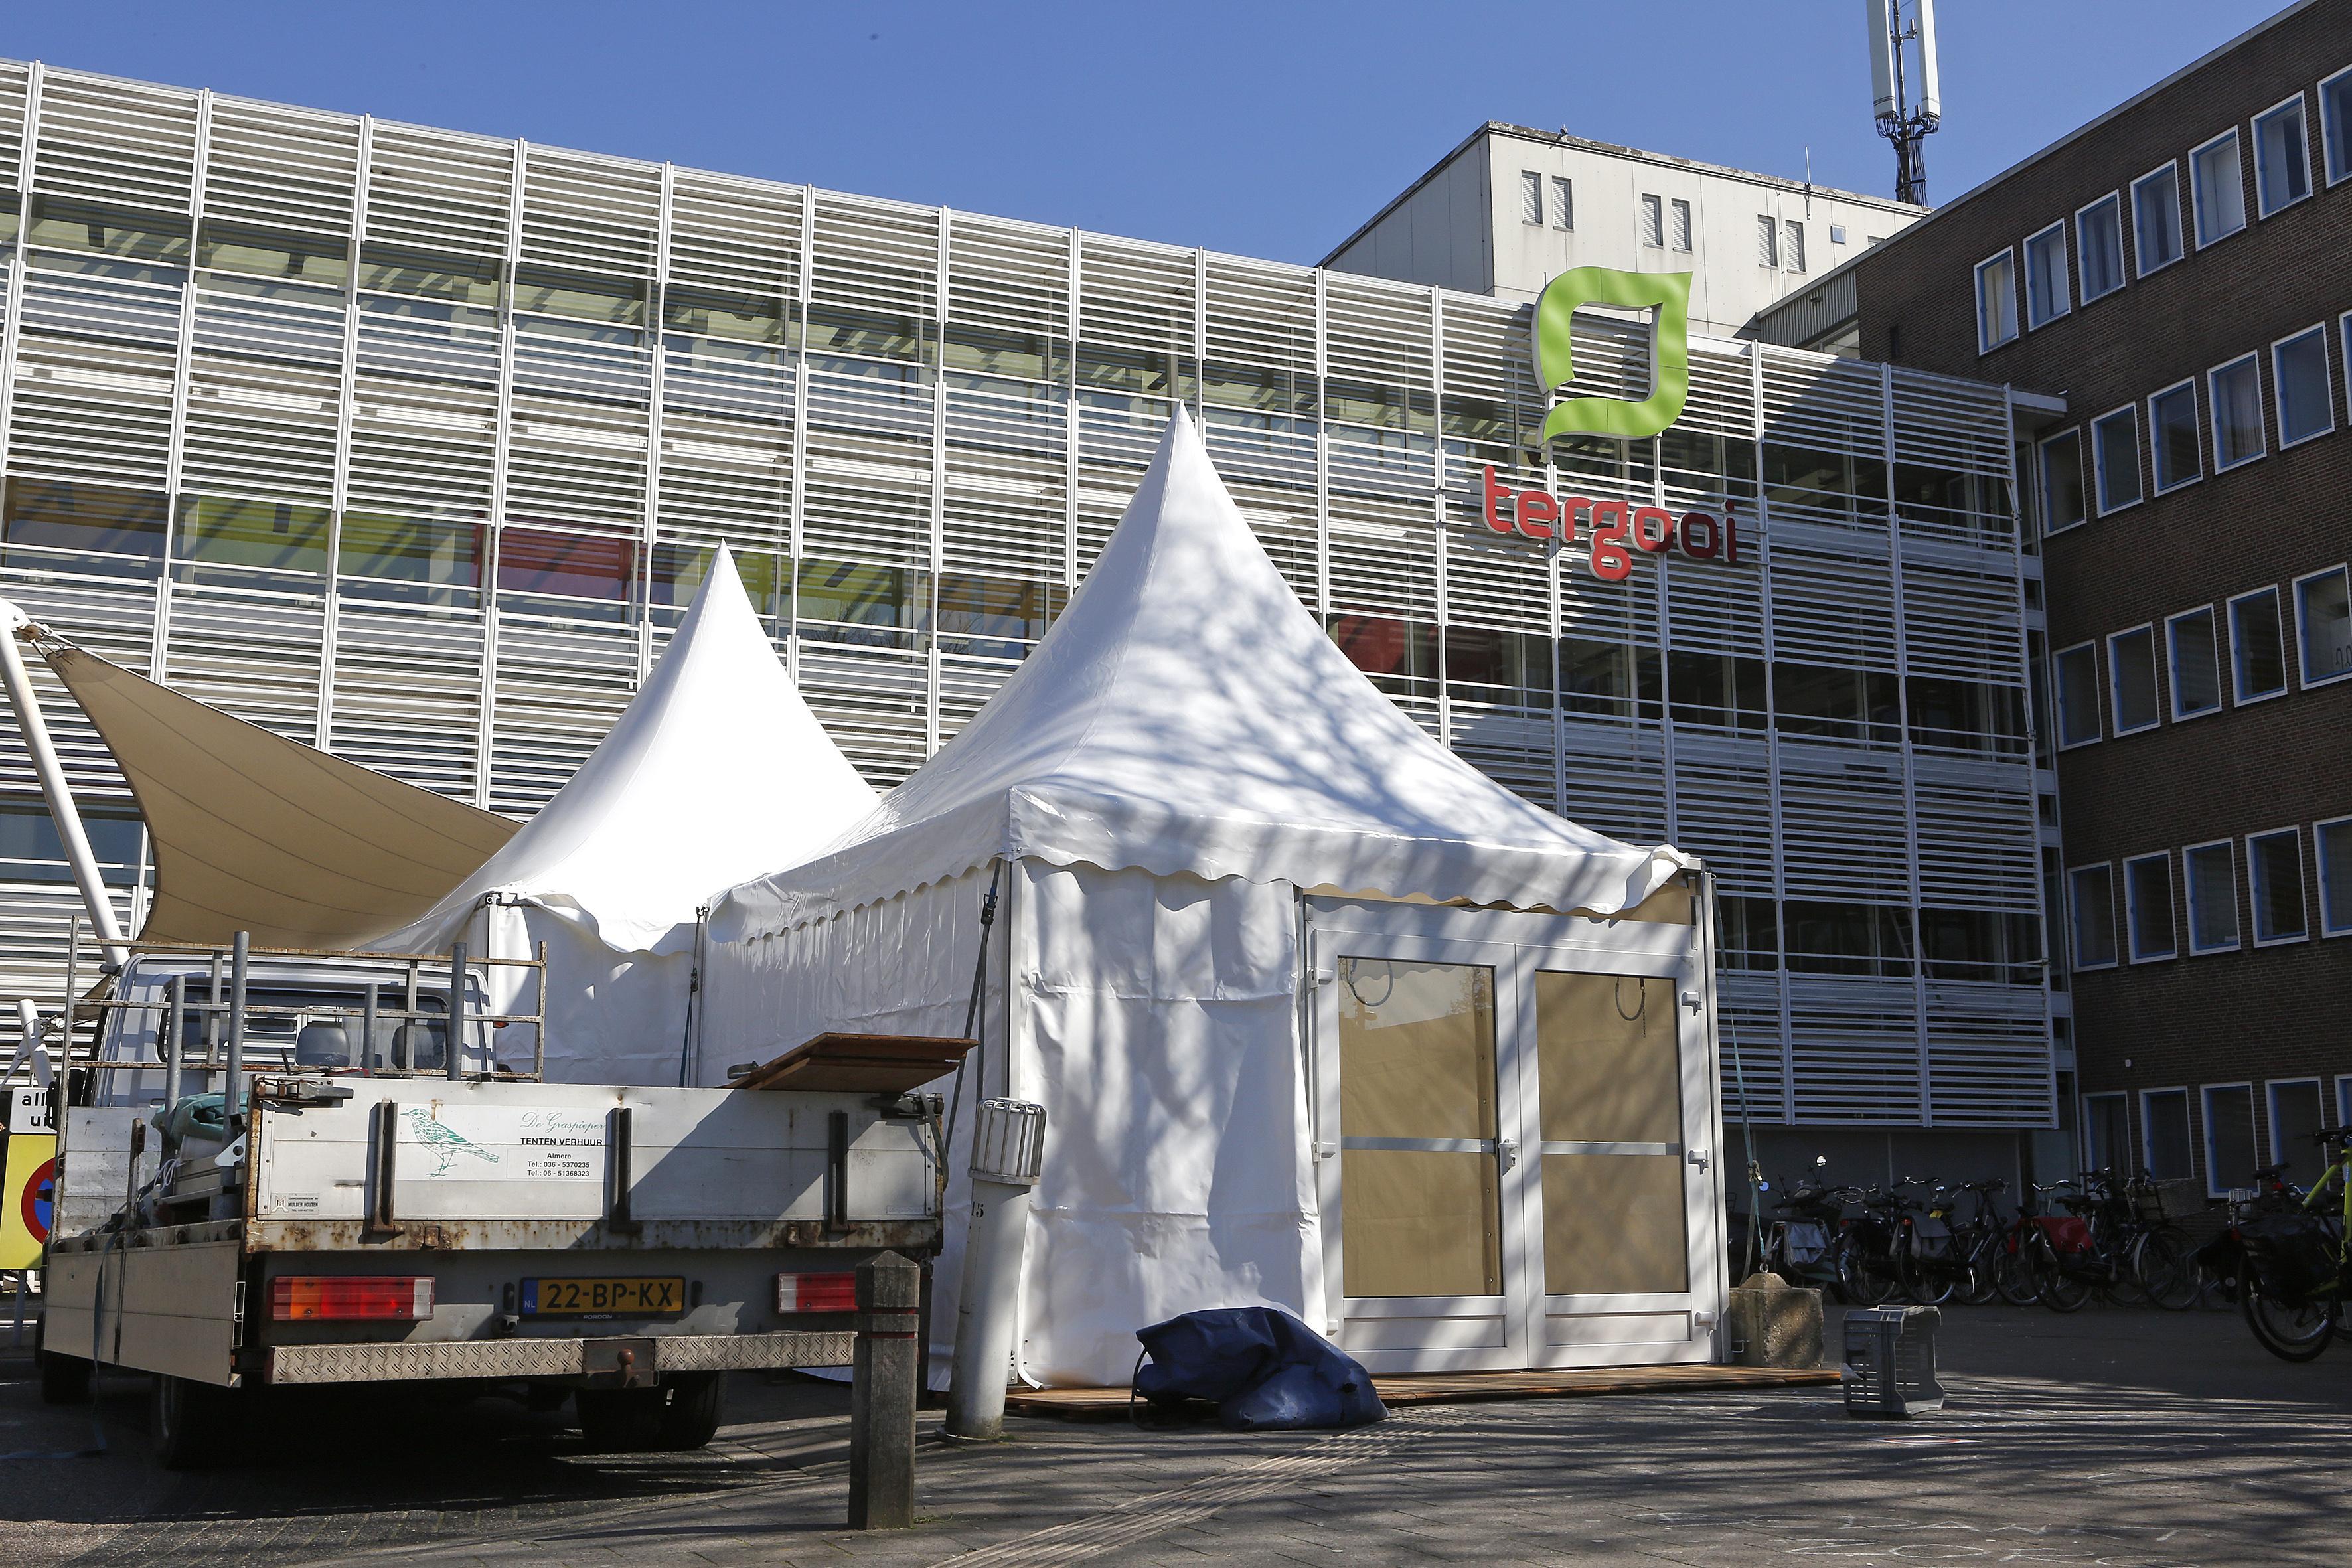 Aantal coronapatiënten in Tergooi neemt licht toe; tenten voor ingang om bezoekers te vragen naar ziekteverschijnselen